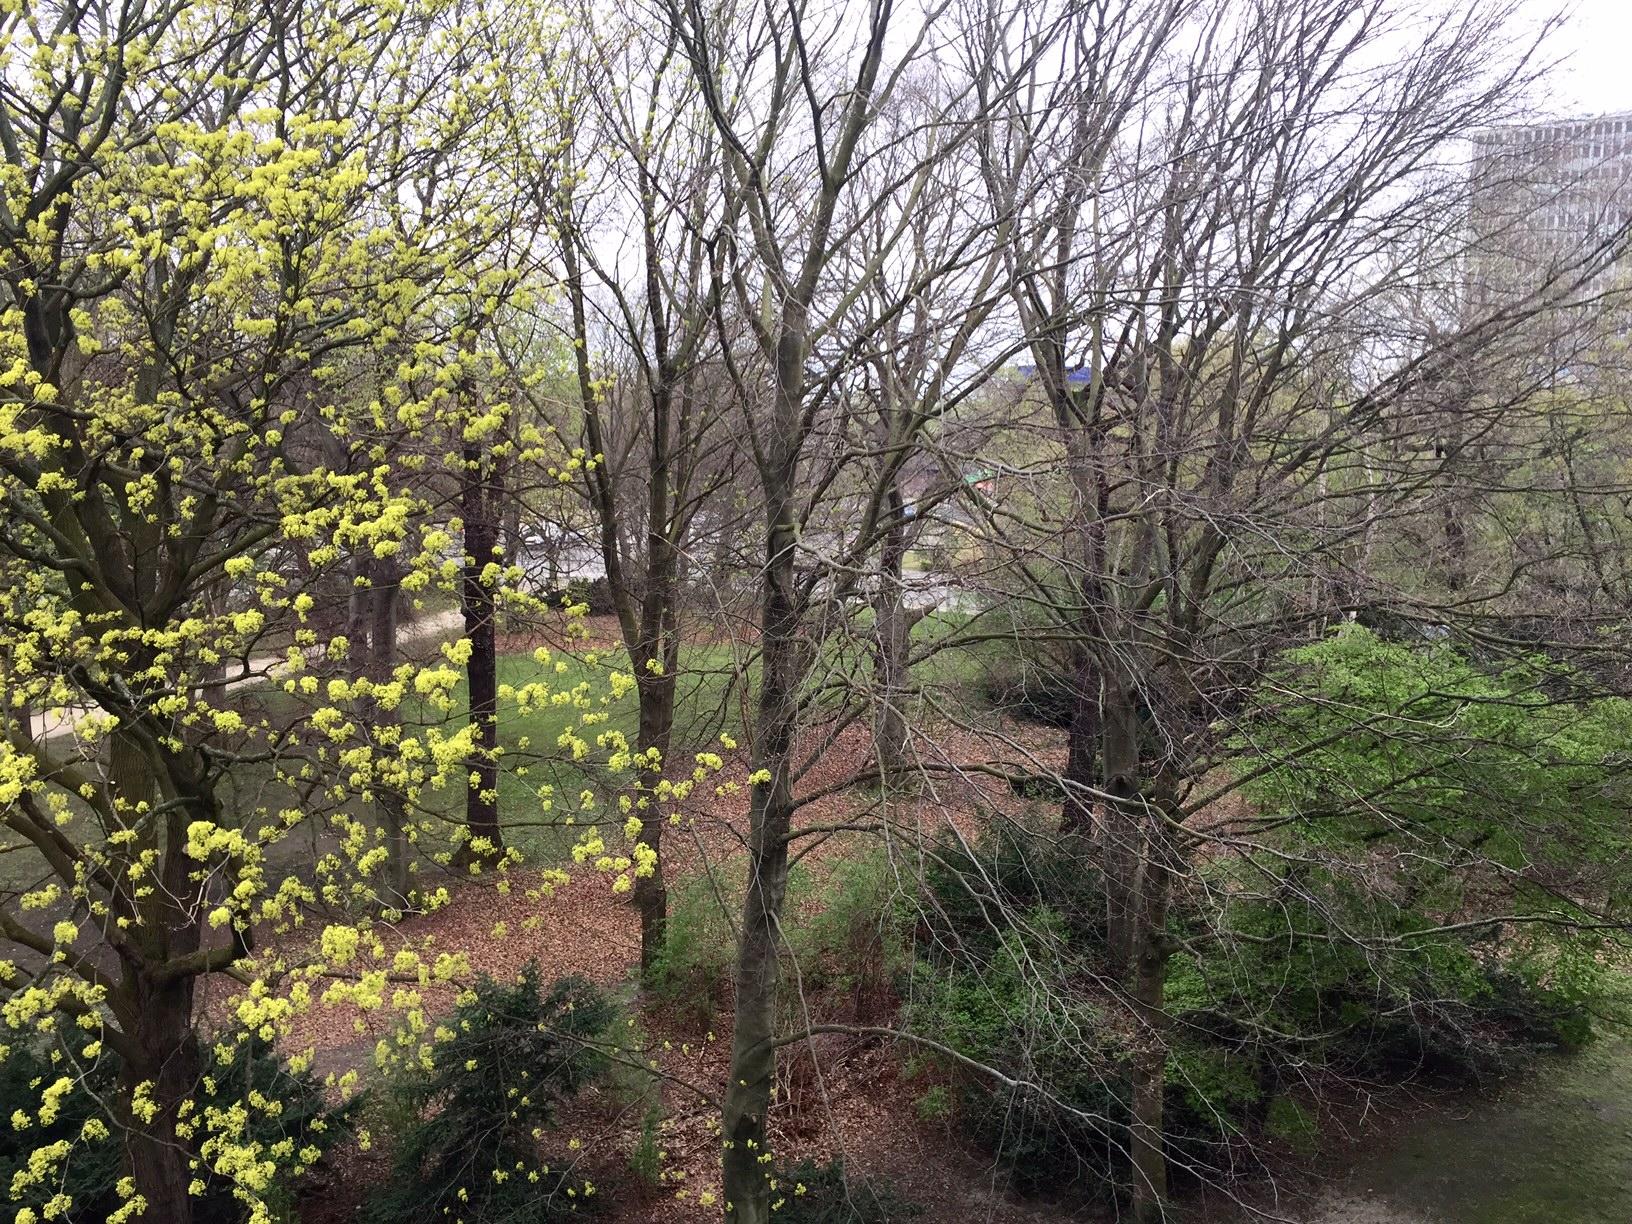 View for my apartment in Berlin, looking over Tiergarten park